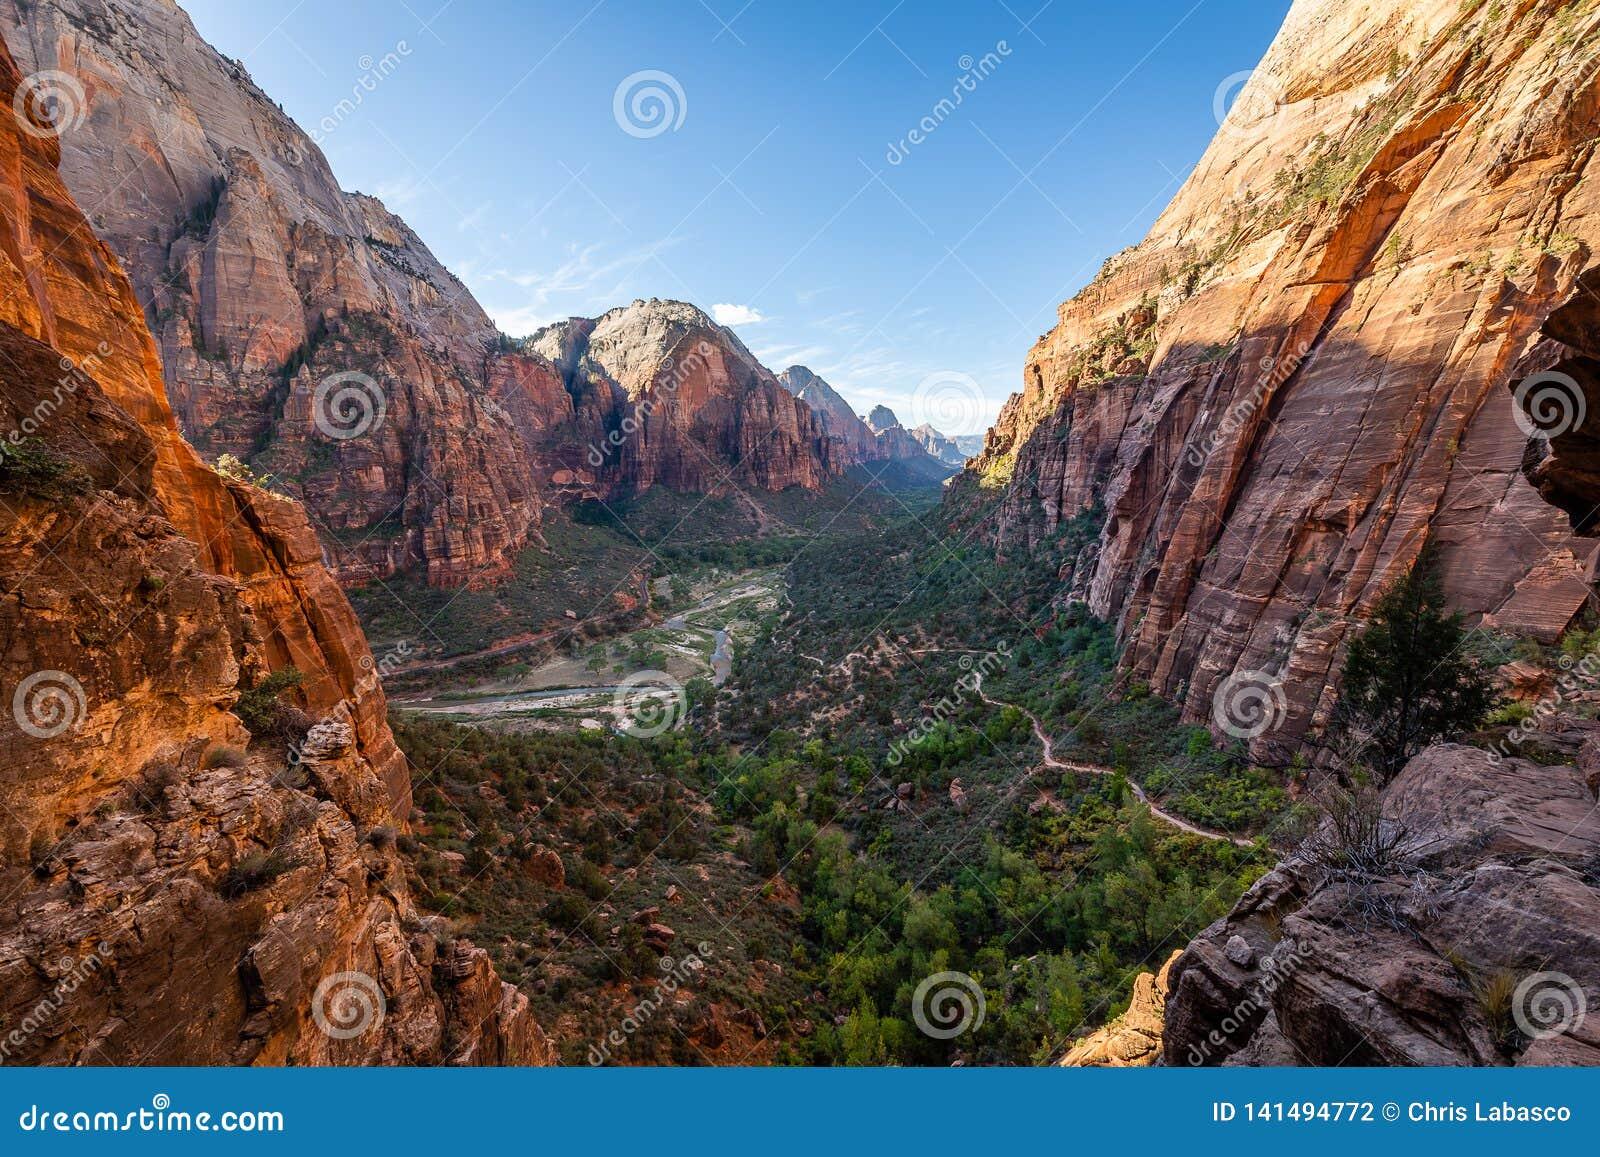 De majesteit van Zion National Park